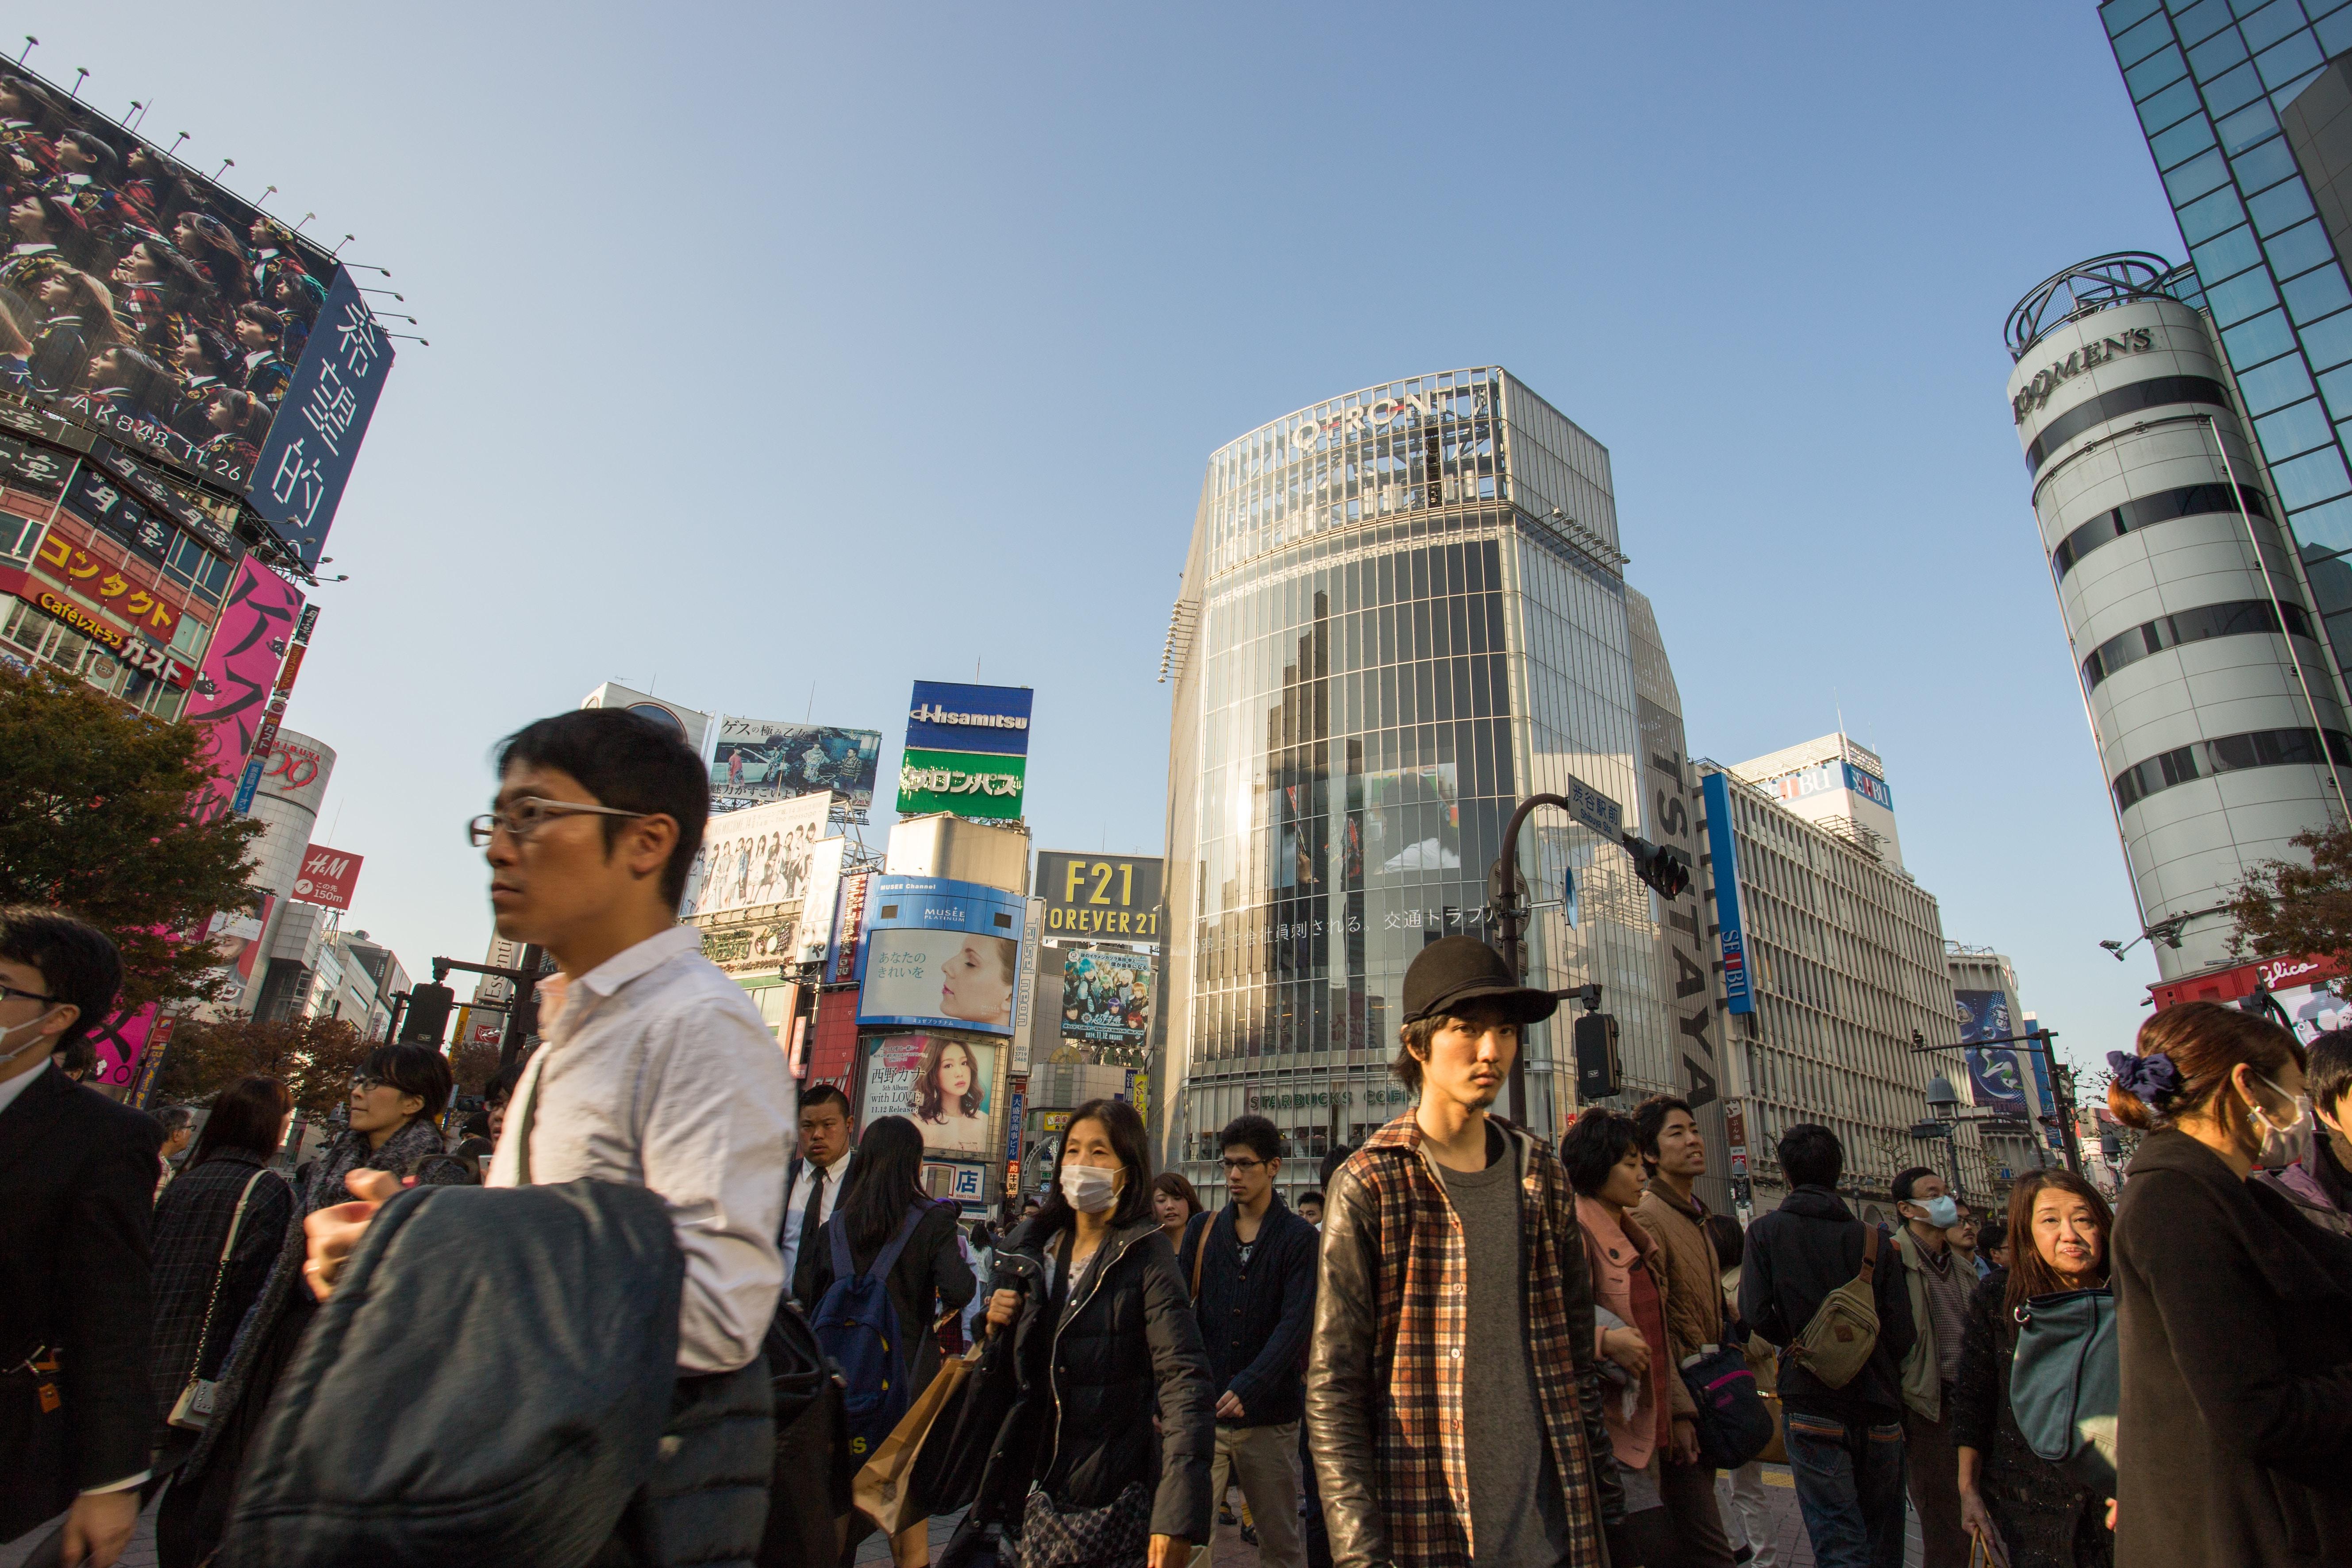 (Hiroshi新聞日語)蔡英文抗議譚德賽發言不實